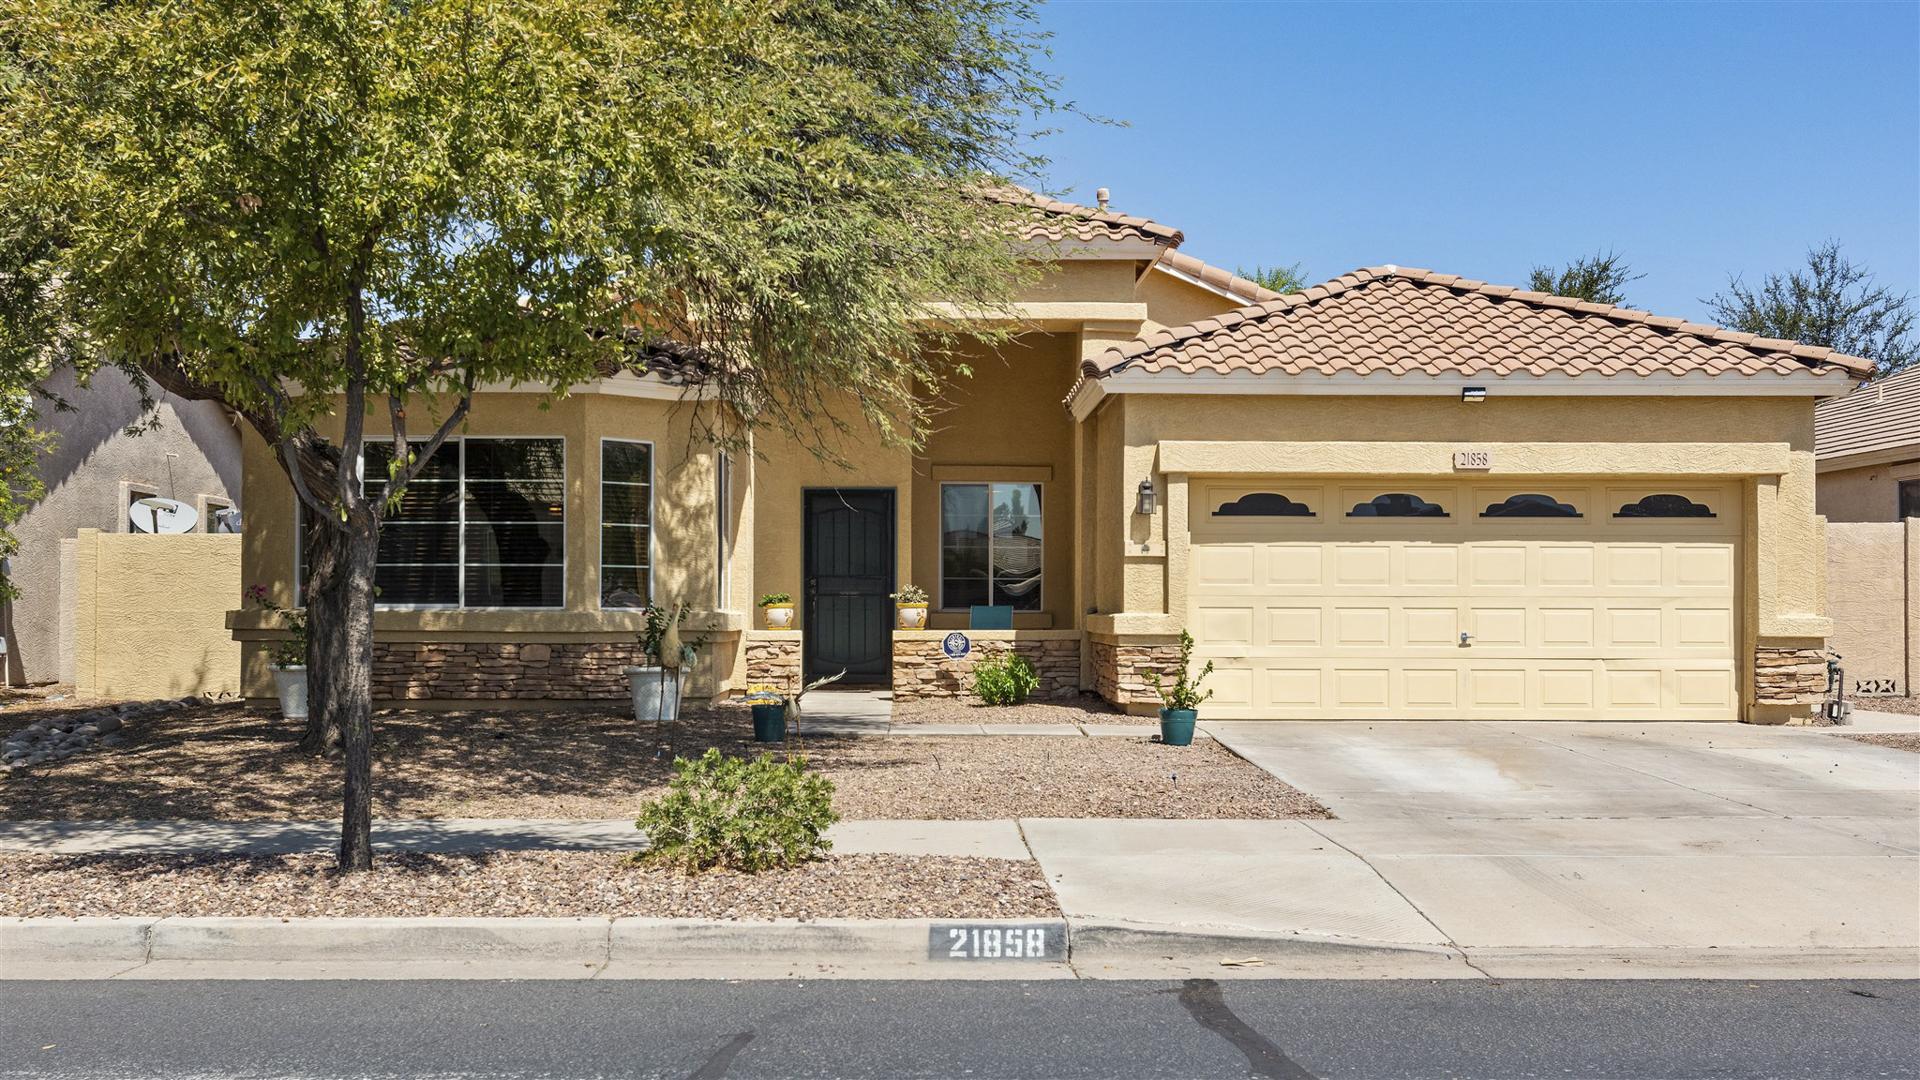 NEW LISTING - 21858 E Calle De Flores, Queen Creek, AZ 85142 - Villages | Amy Jones Group